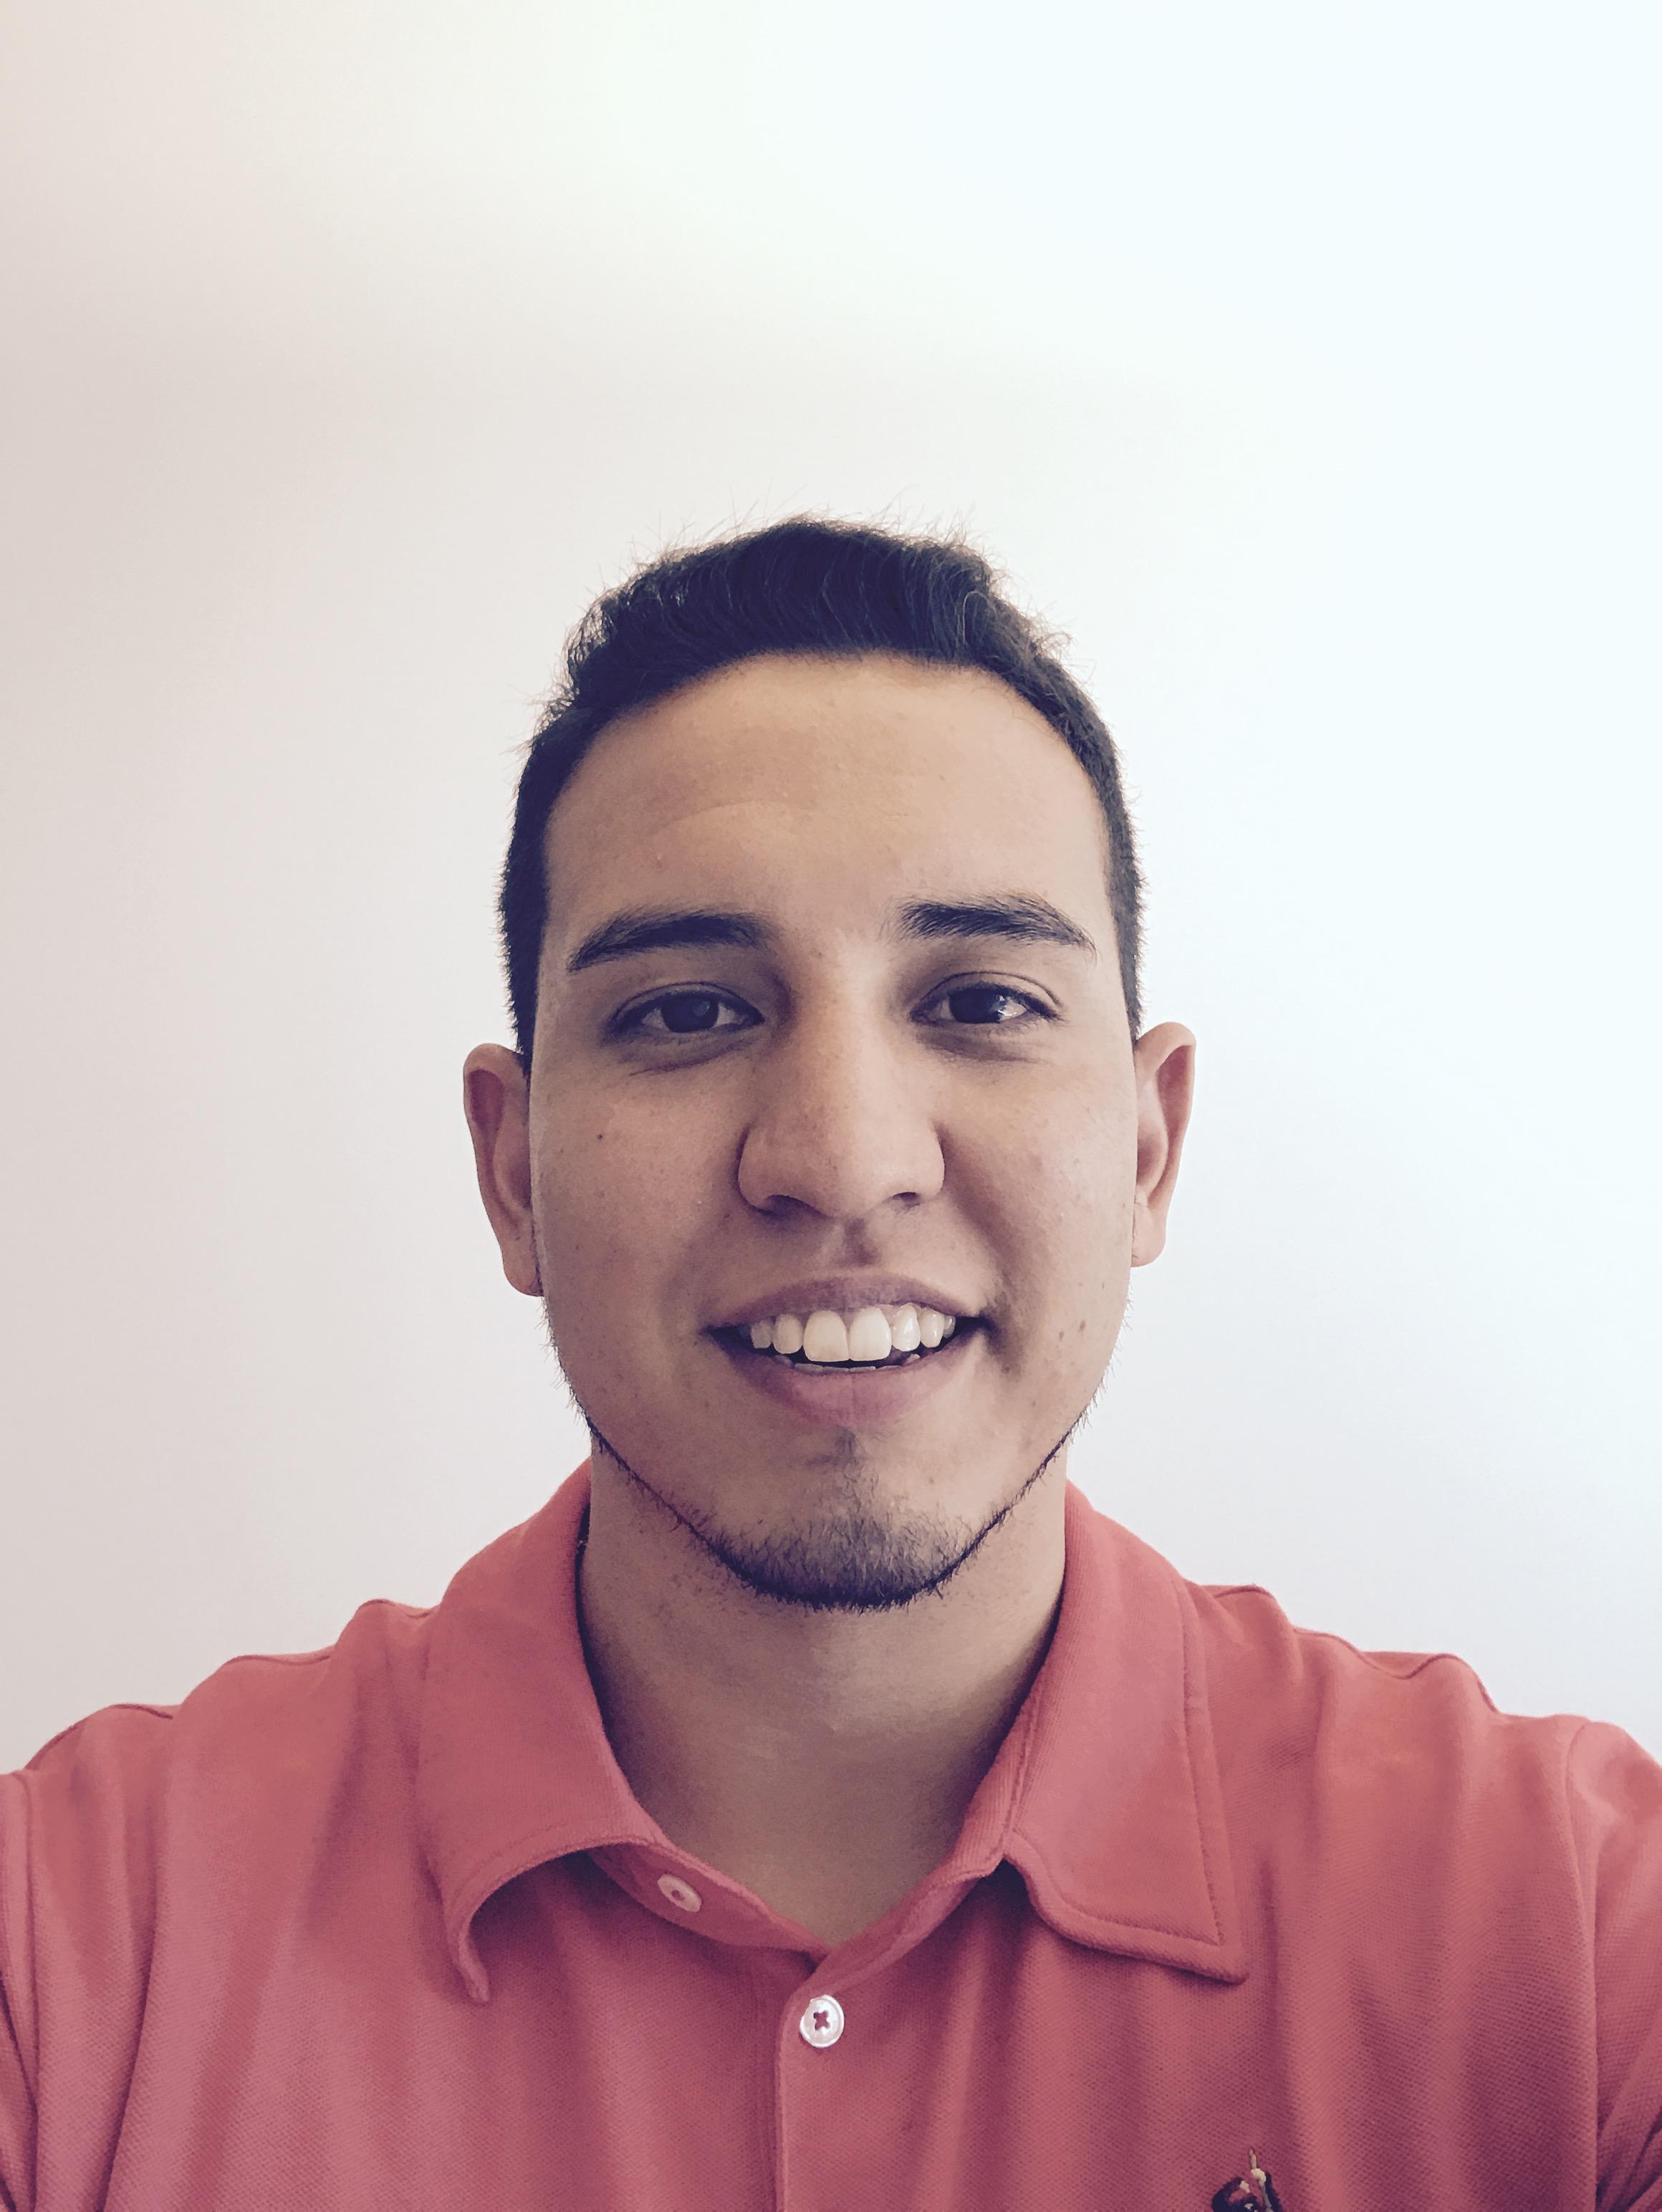 Luis'Carlos Arreguin